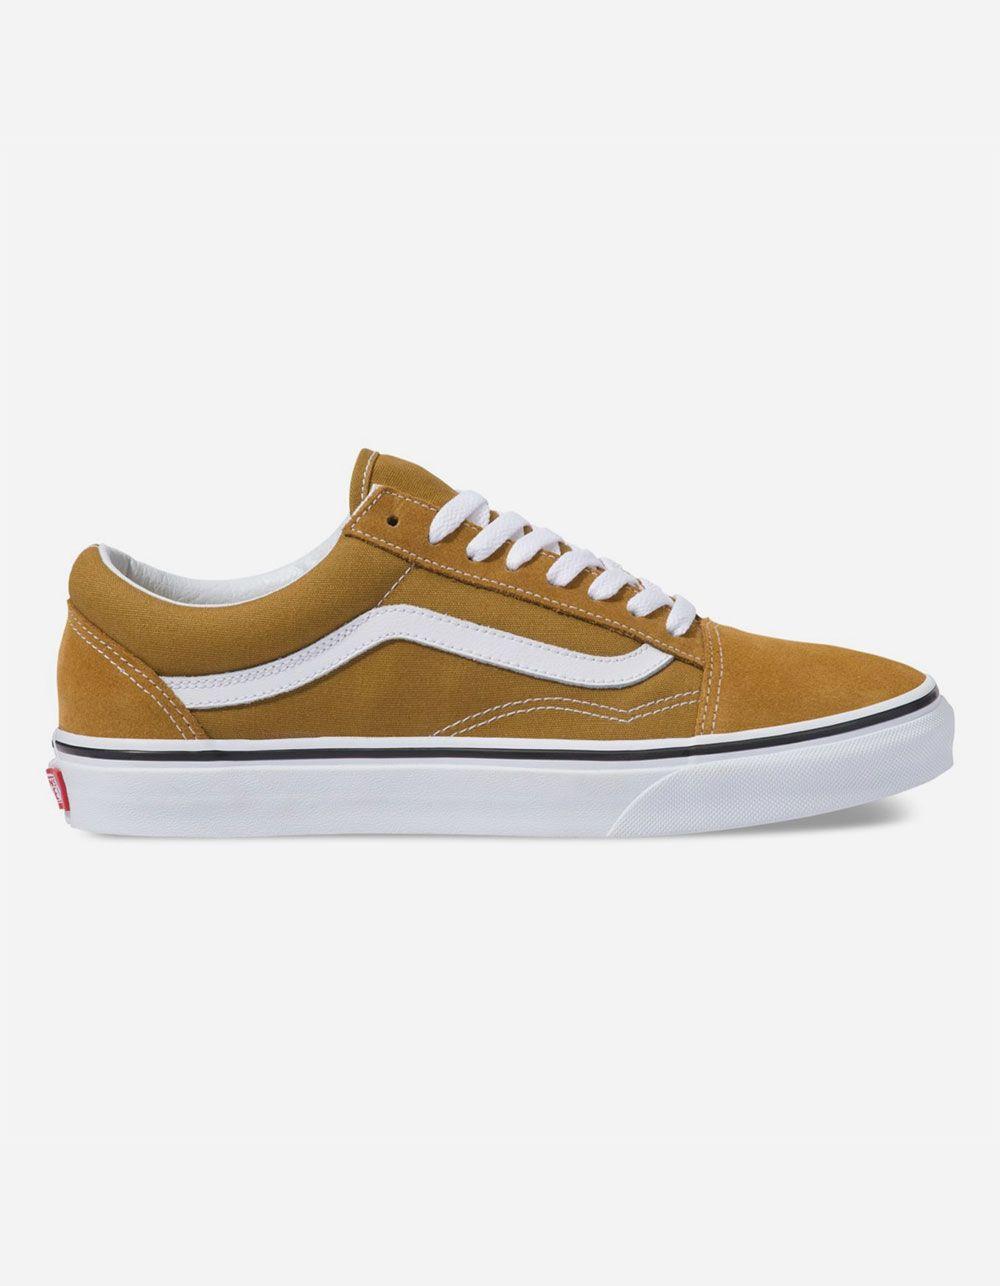 VANS Old Skool Cumin \u0026 True White Shoes